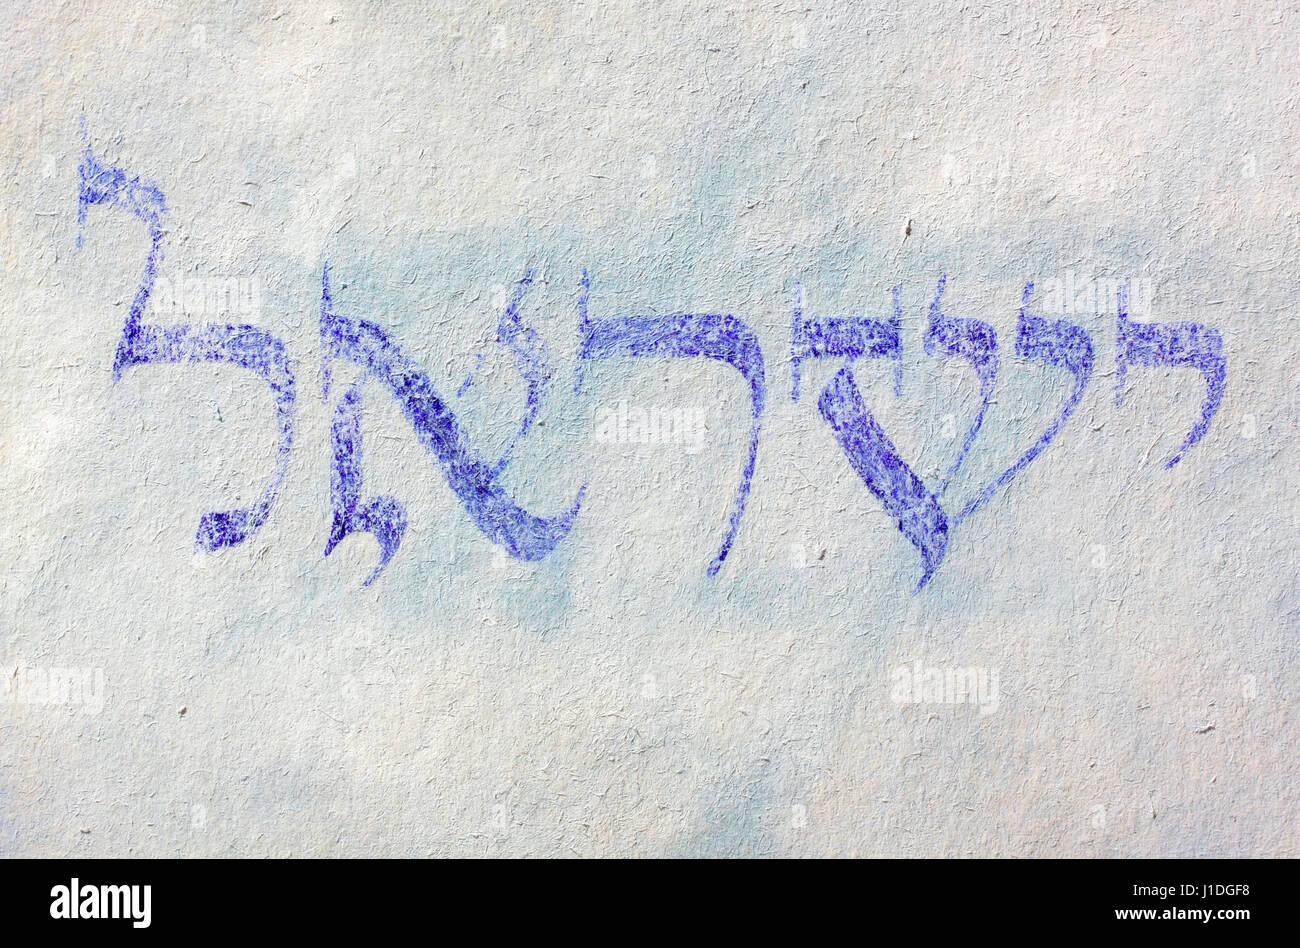 Handwritten country name in grunge style. Israel (Jisra'el, Yisra'el). Hebrew script. Hebrew language. - Stock Image